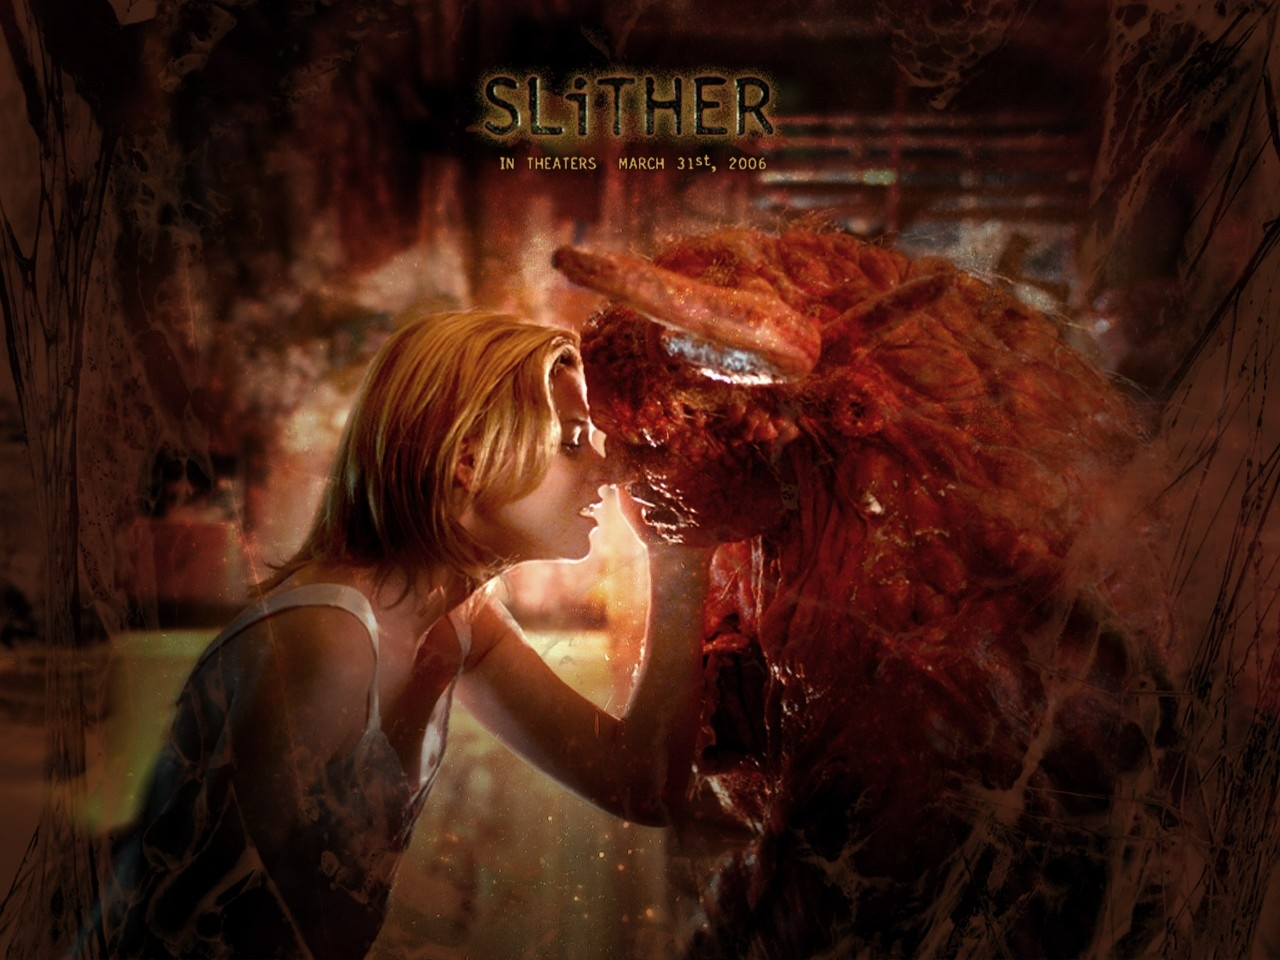 Wallpaper del film Slither